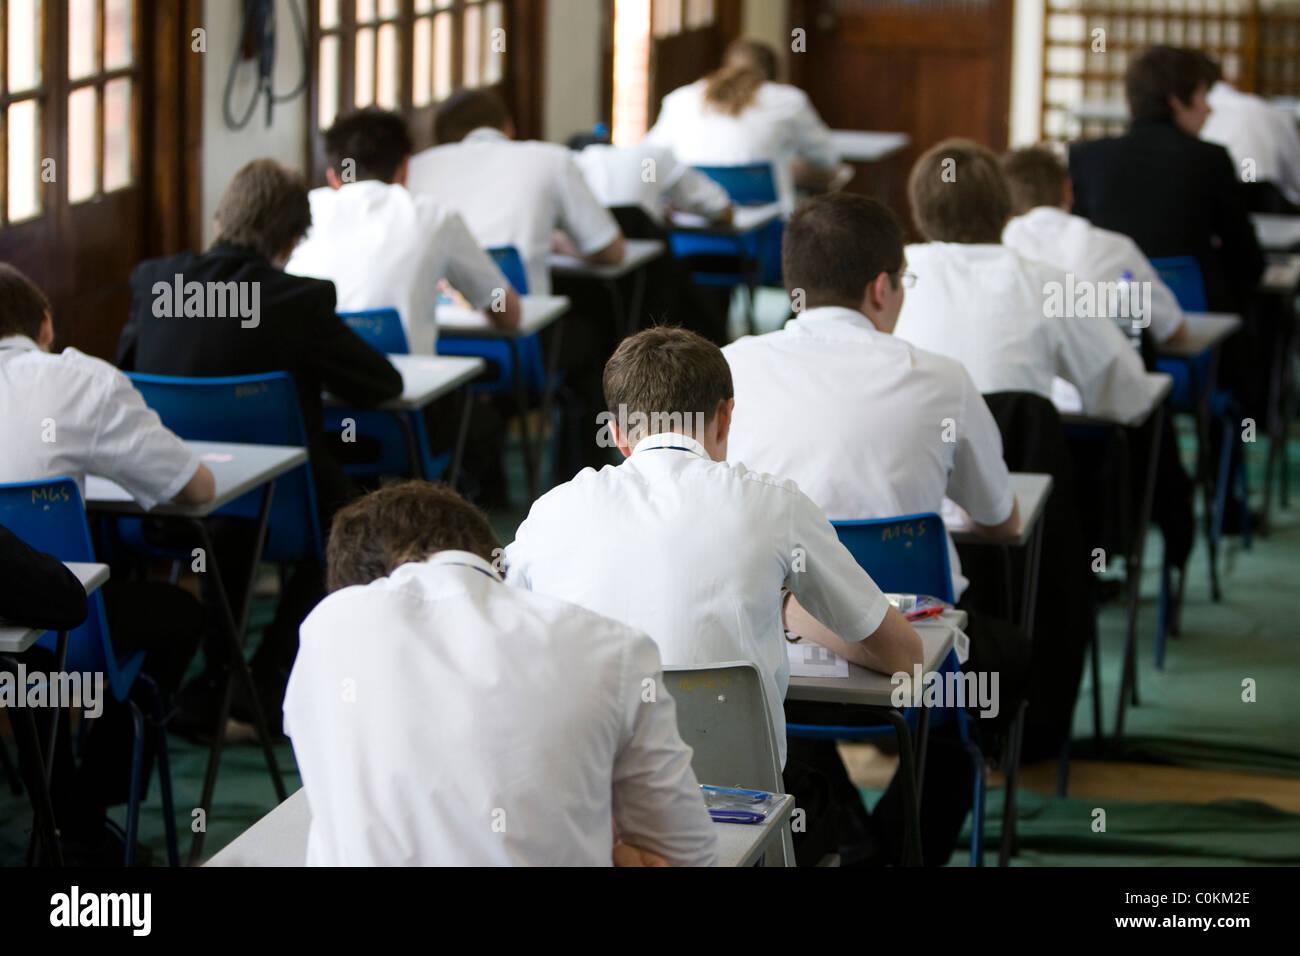 Les élèves remplissent une salle d'examen à prendre un examen GCSE à Maidstone Grammar school Photo Stock